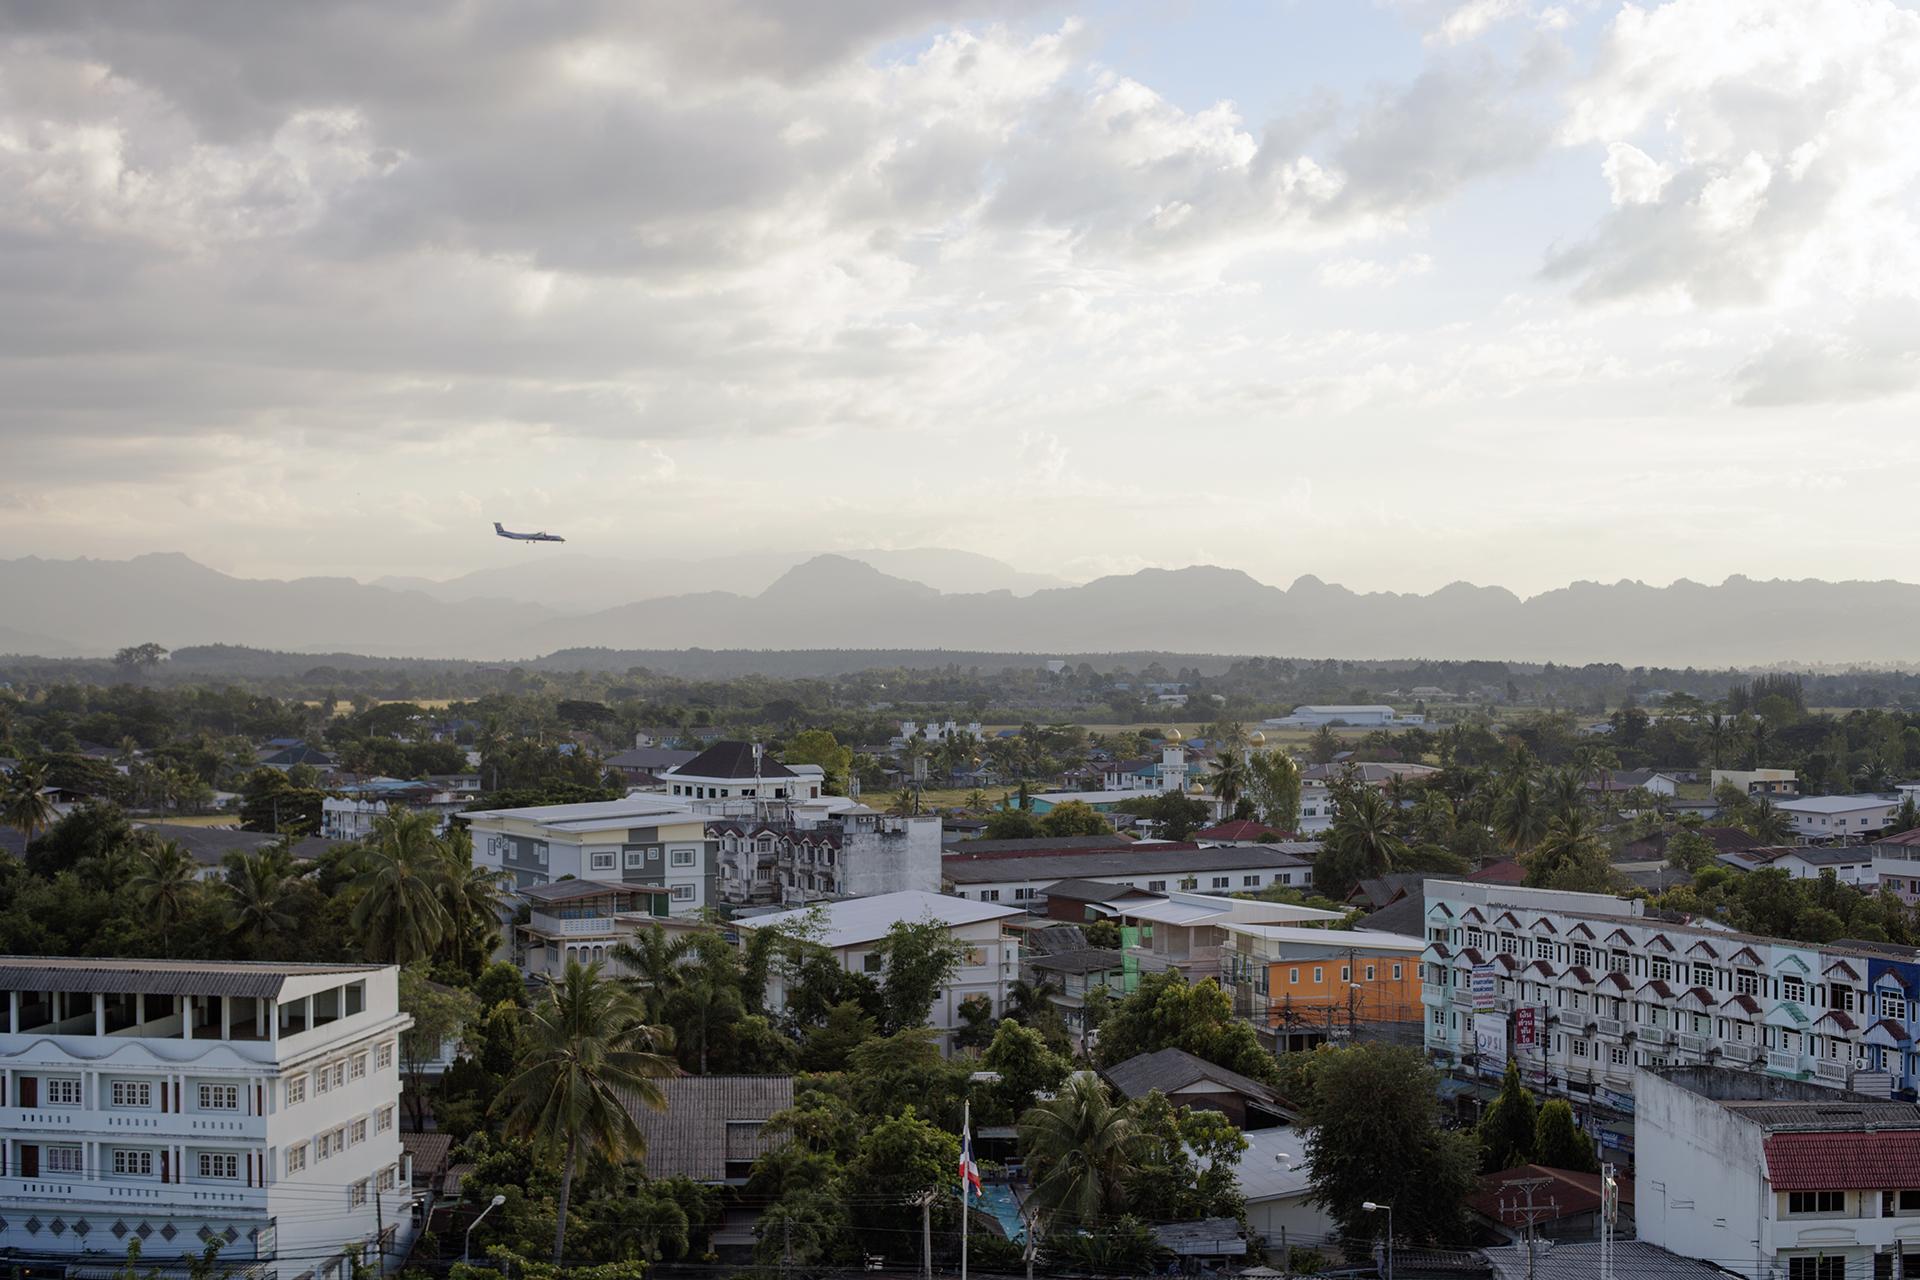 """Mae Sot est la principale ville frontière entre la Thaïlande et la Birmanie. Située à 7 kilomètres de la frontière, elle est une plaque tournante de trafics entre les deux pays. Une importante communauté de Birmans y vit, fournissant une main d'oeuvre bon marché aux Thaïlandais. On la surnomme d'ailleurs """"Little Burma"""".Mae Sot, Thaïlande, novembre 2014"""